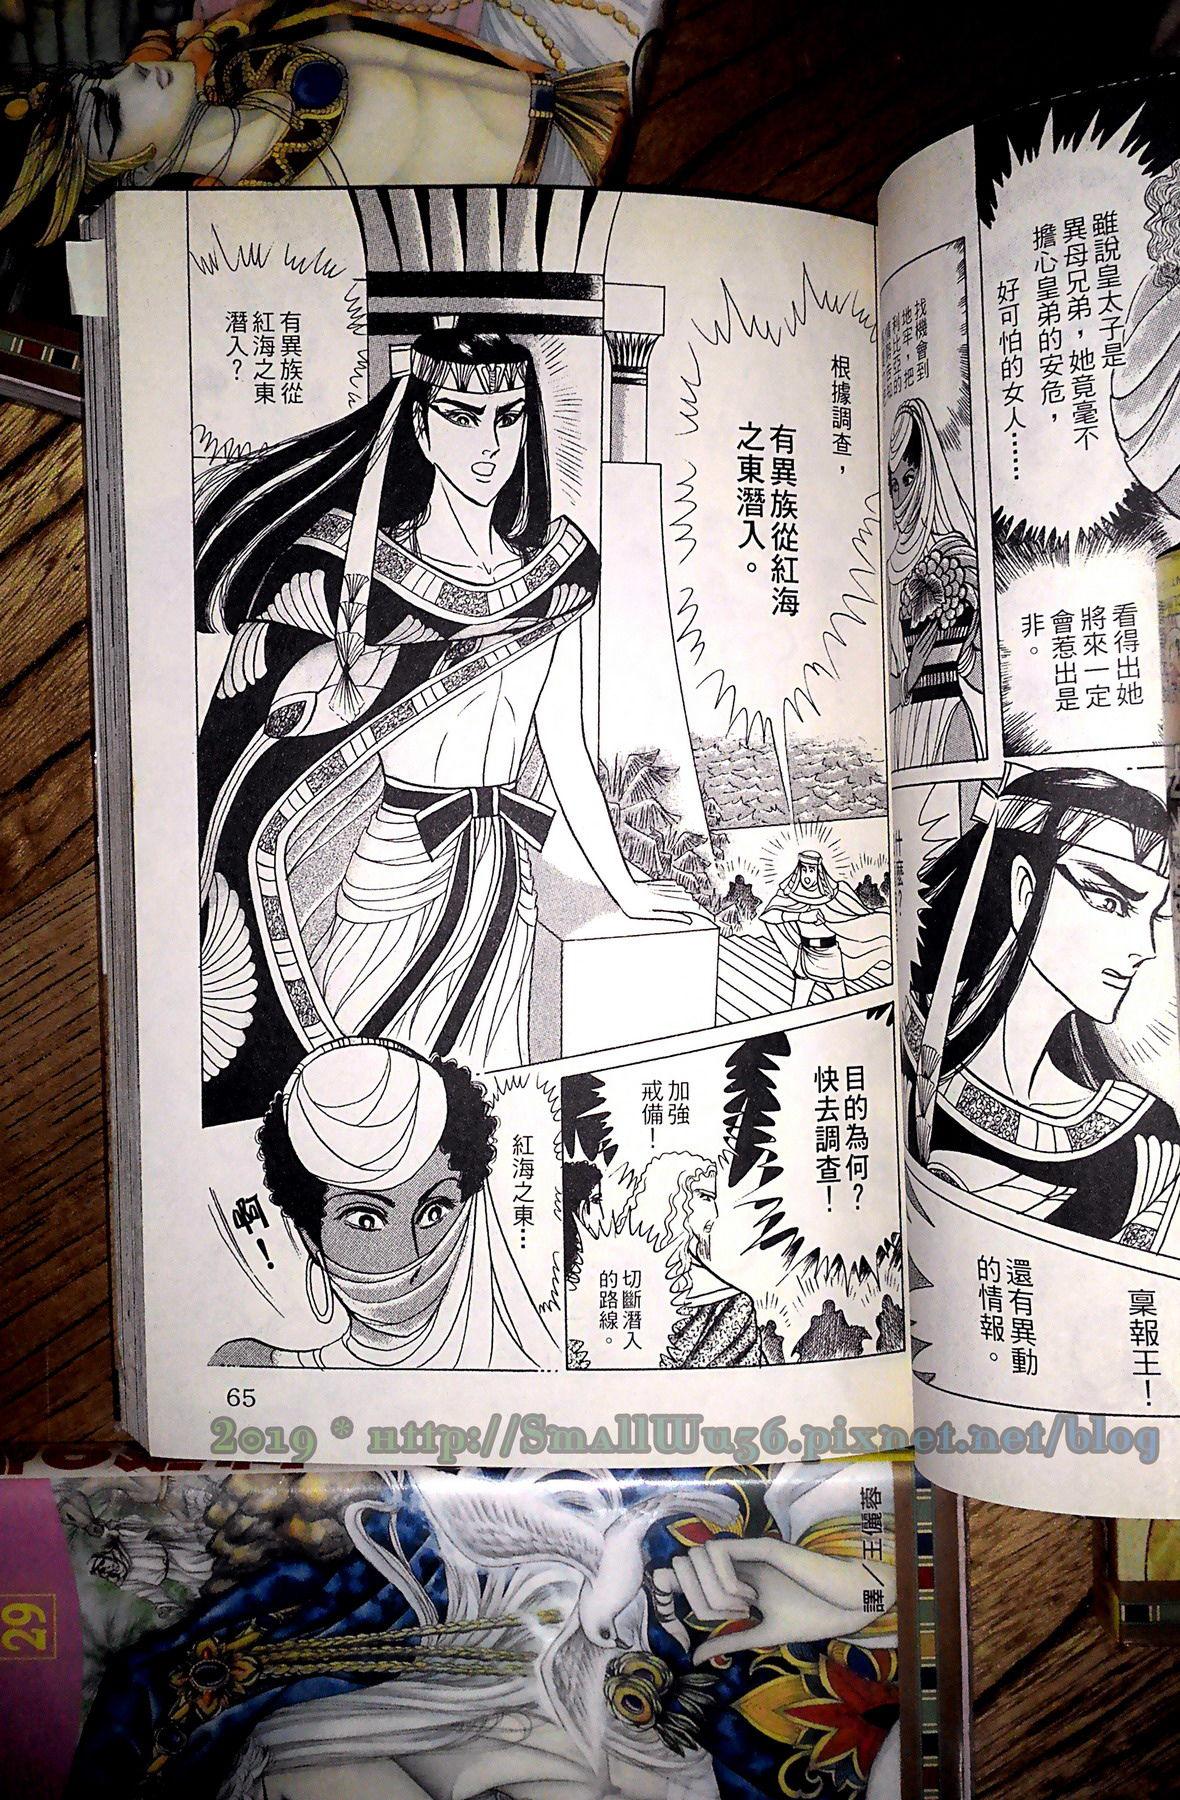 細川智榮子-王家的紋章(尼羅河女兒) 28-35 (長鴻)  vol_28 -1.jpg